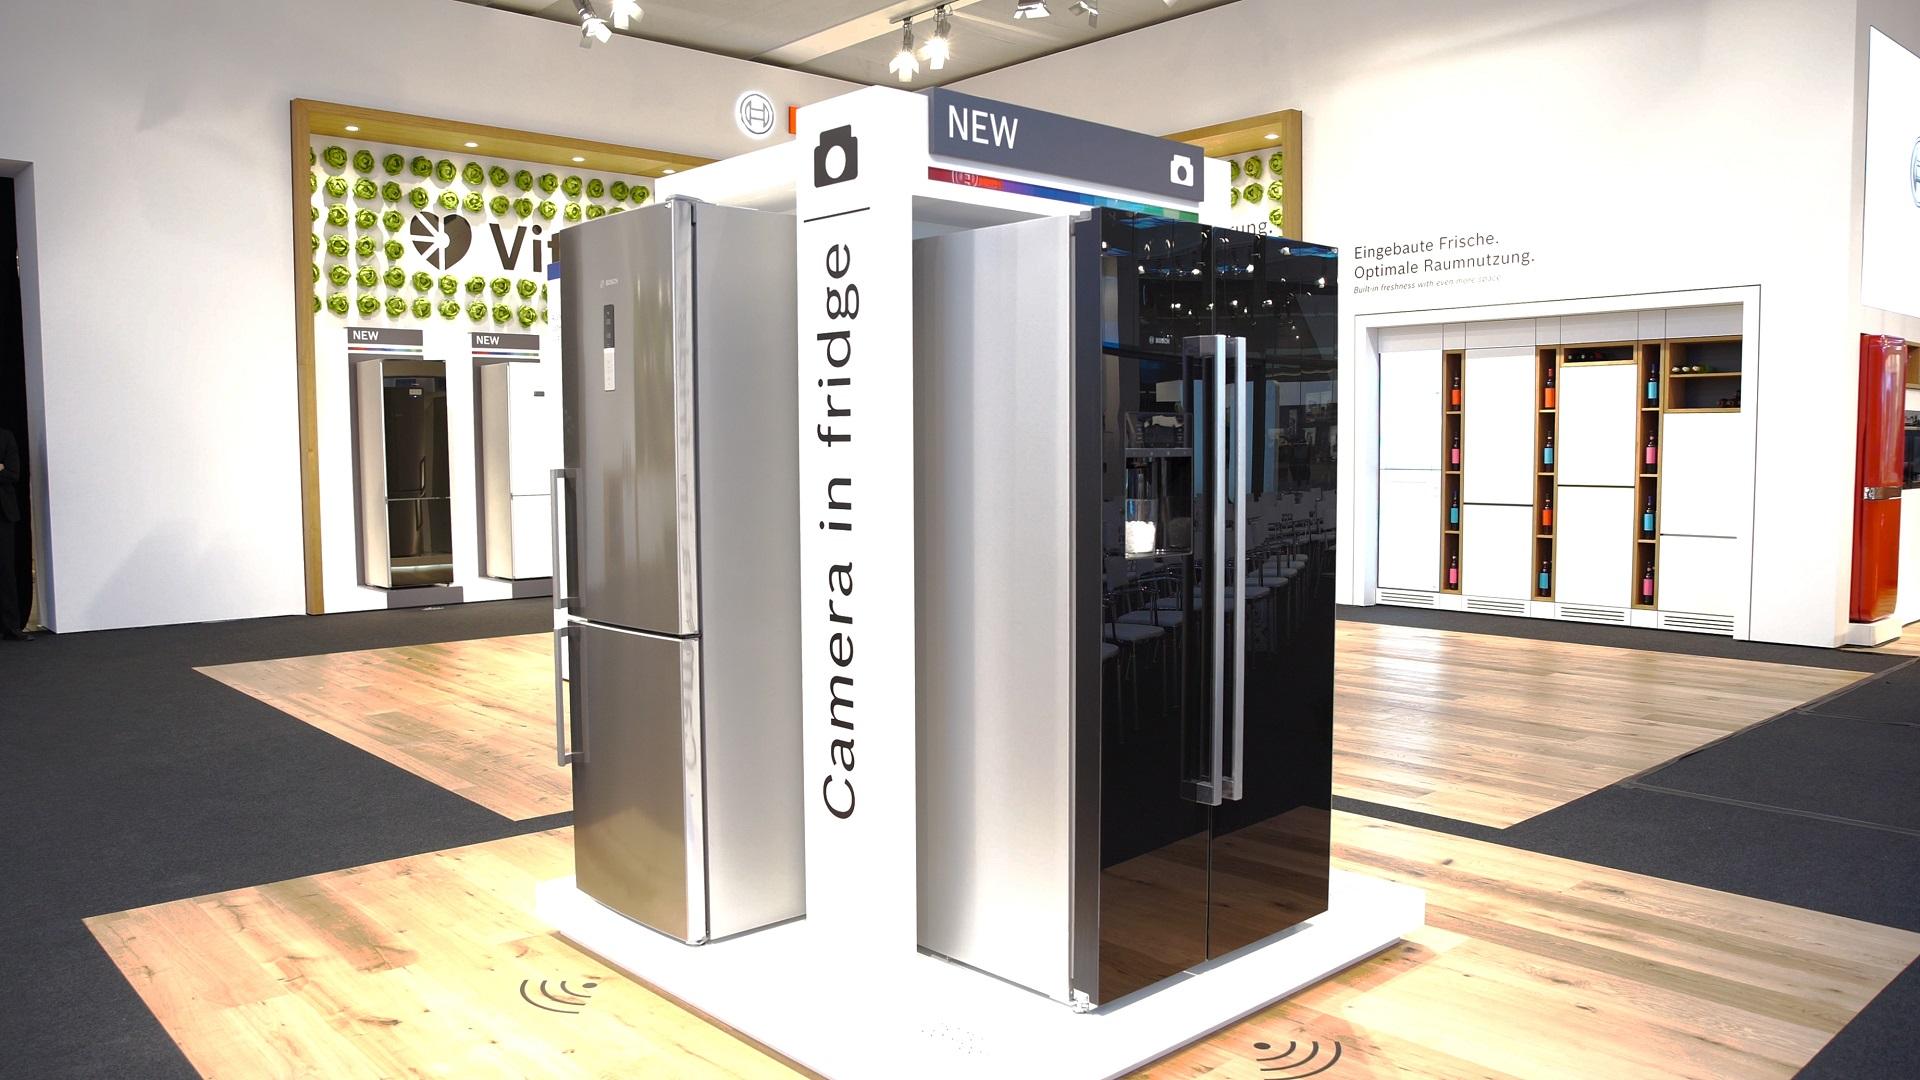 Bosch Kühlschrank Probleme : Bosch kühlschrank mit home connect und zwei kameras im hands on